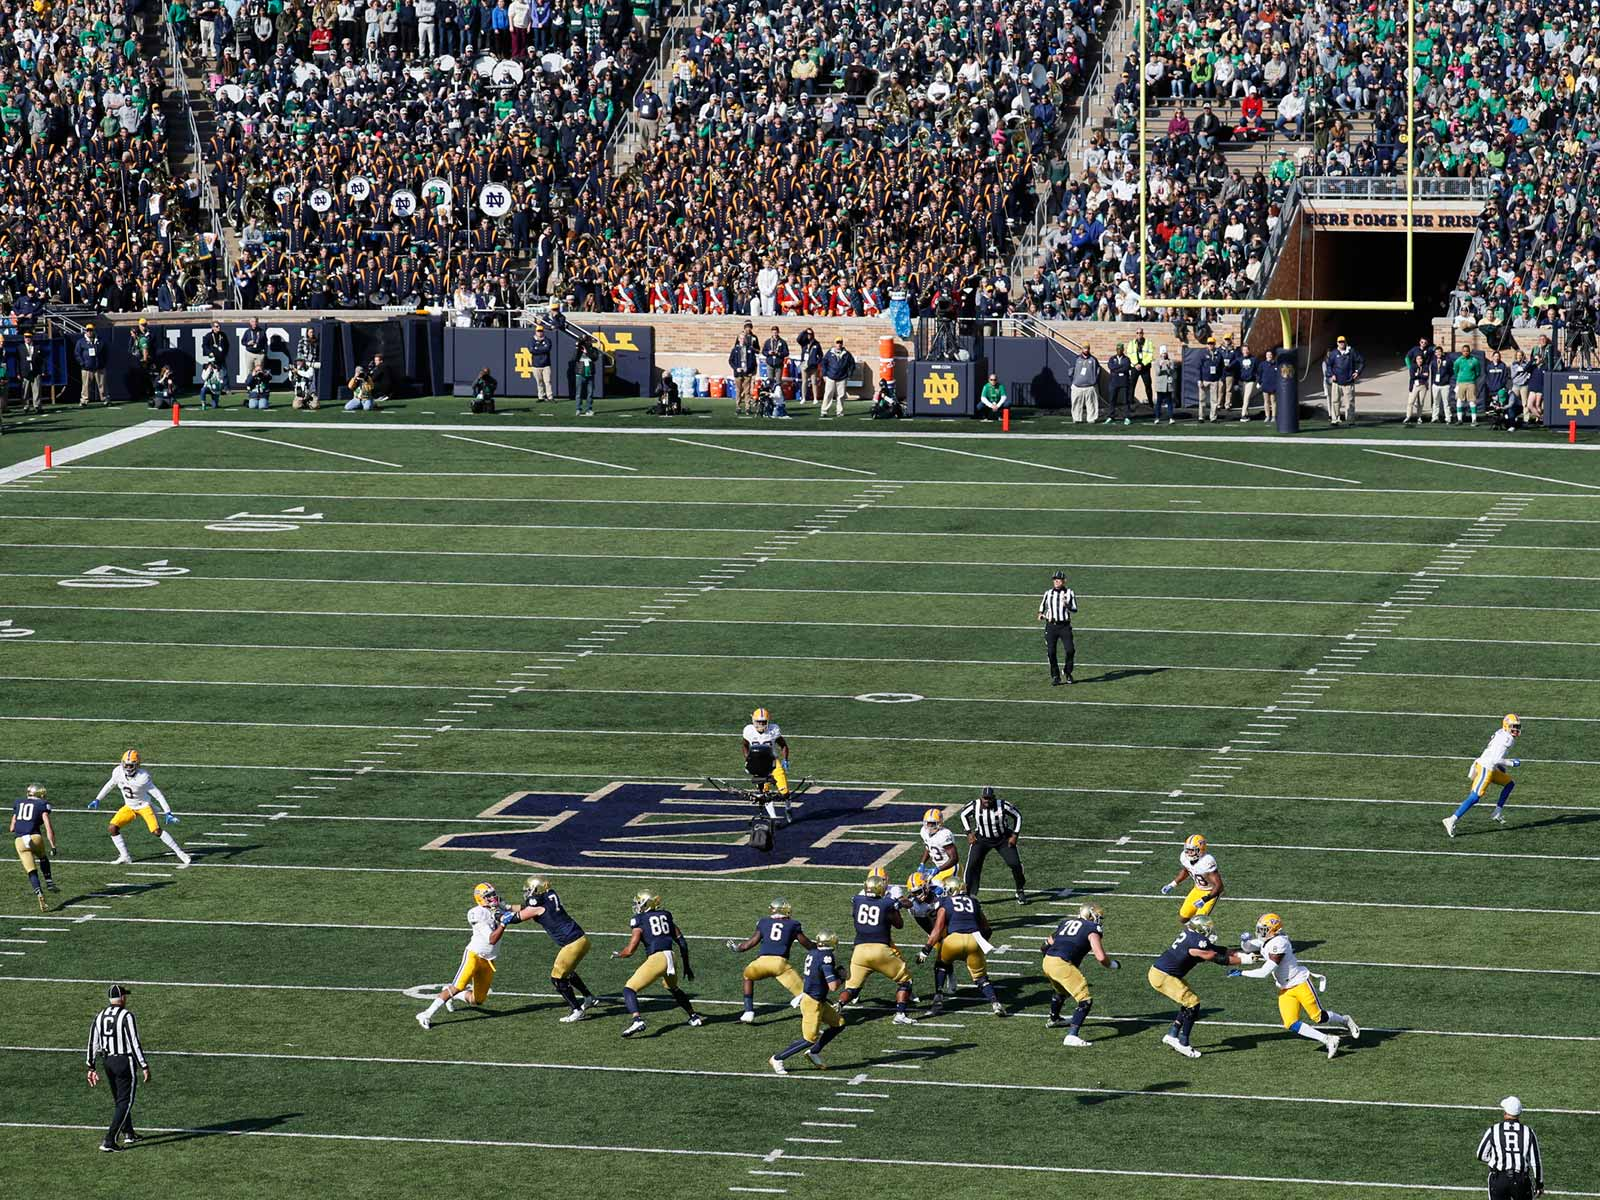 Notre Dame vs. Pitt